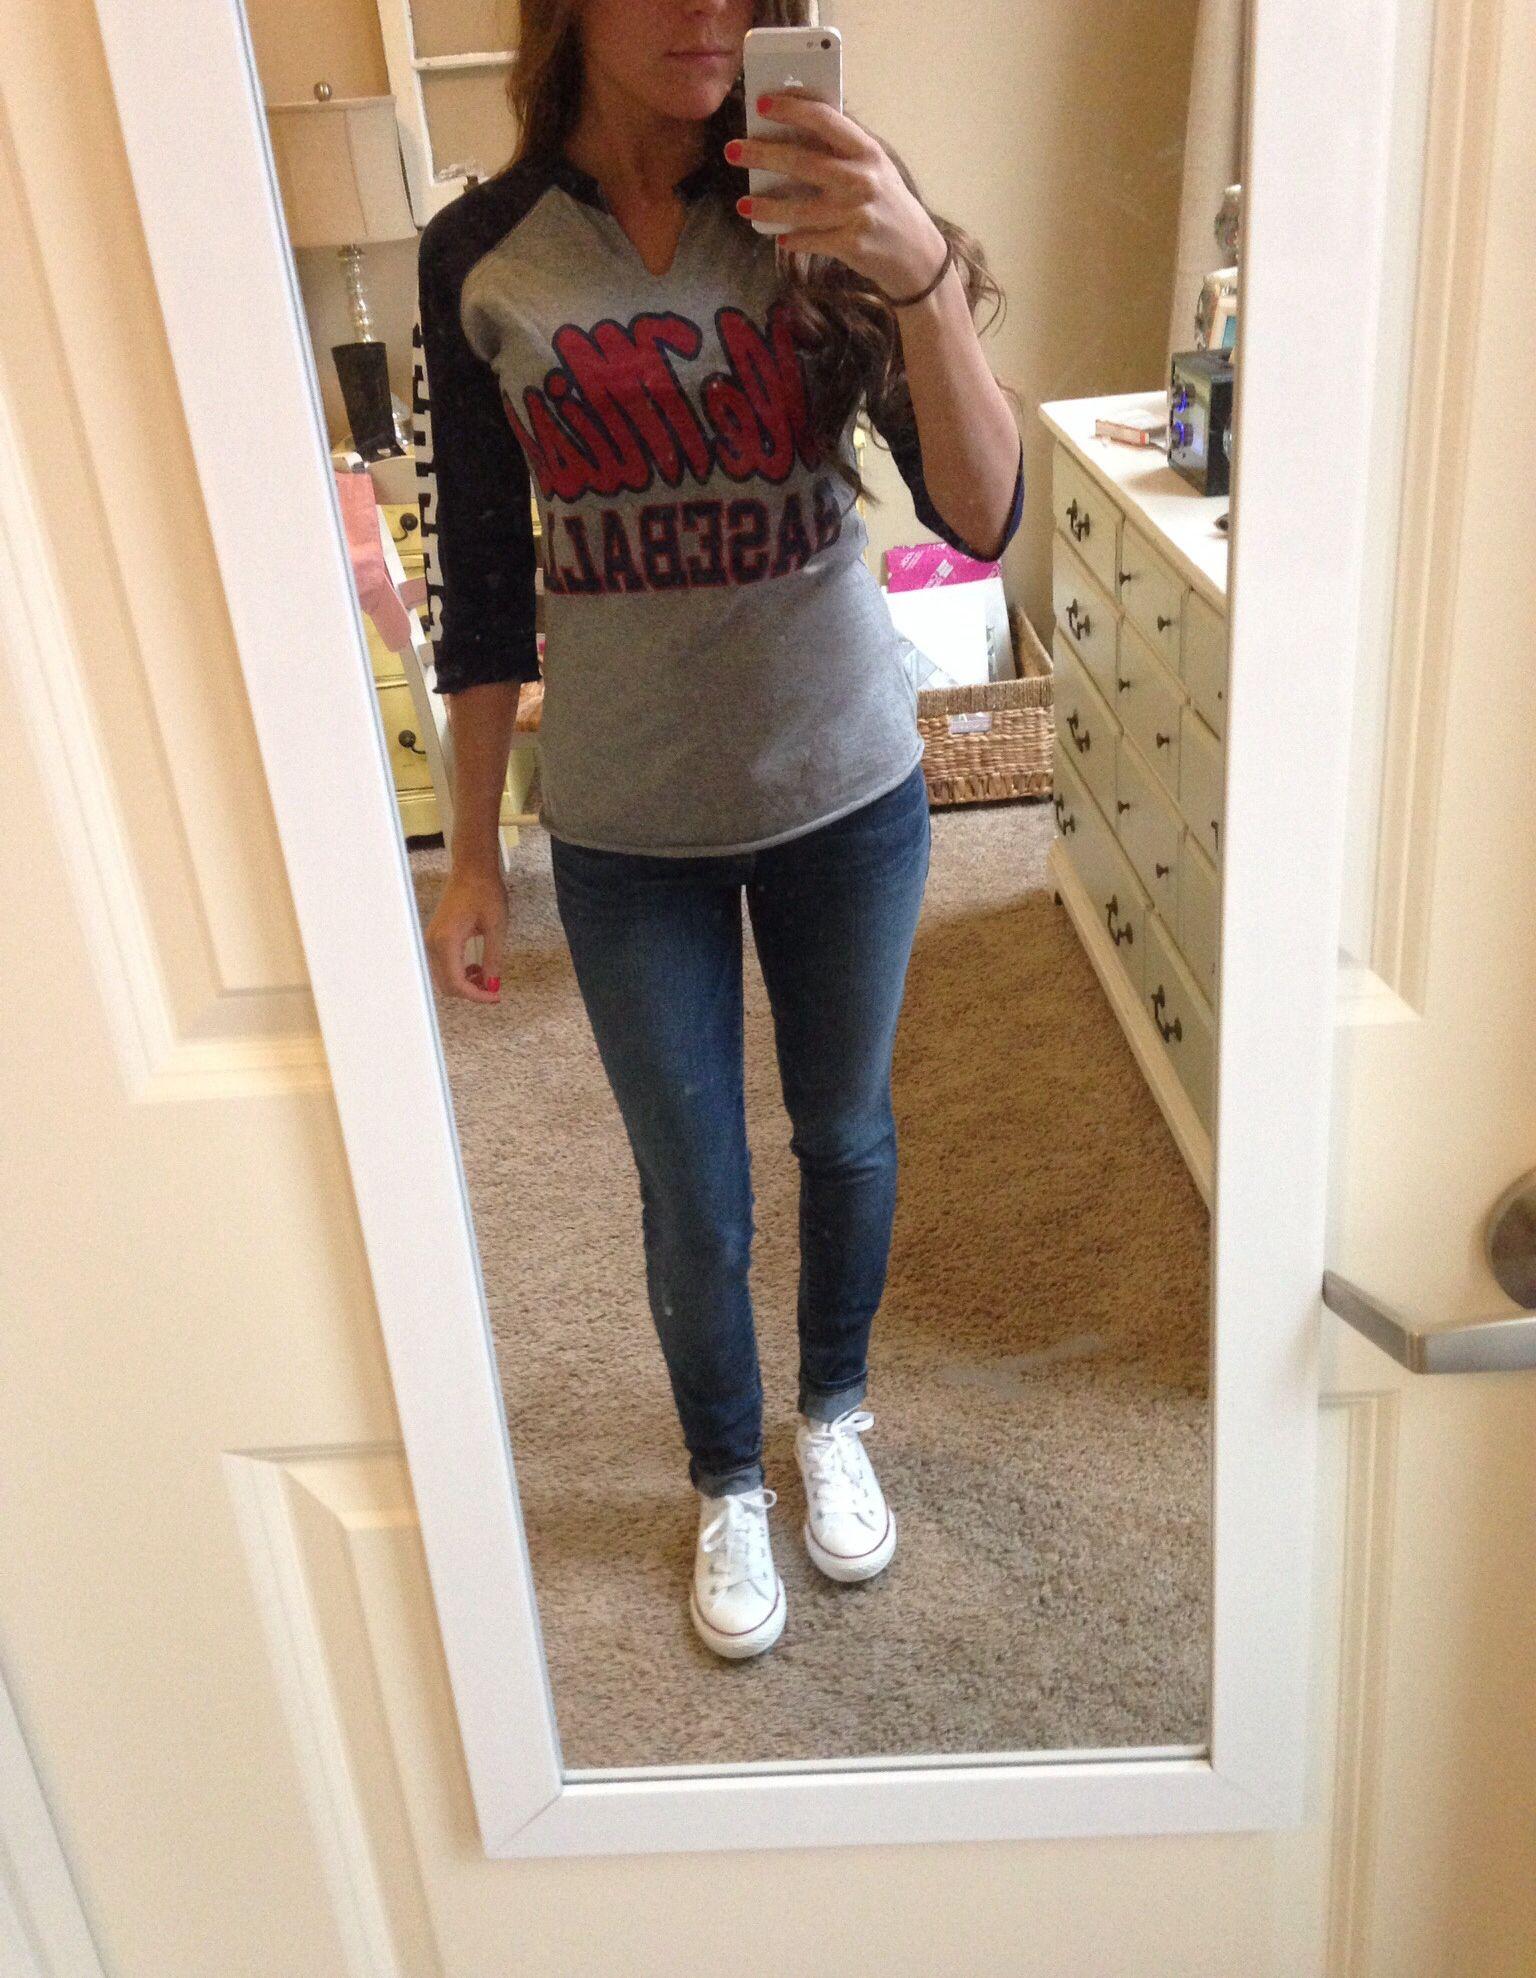 Cute baseball game outfit - converse - Cute Baseball Game Outfit - Converse Fashion Pinterest Best